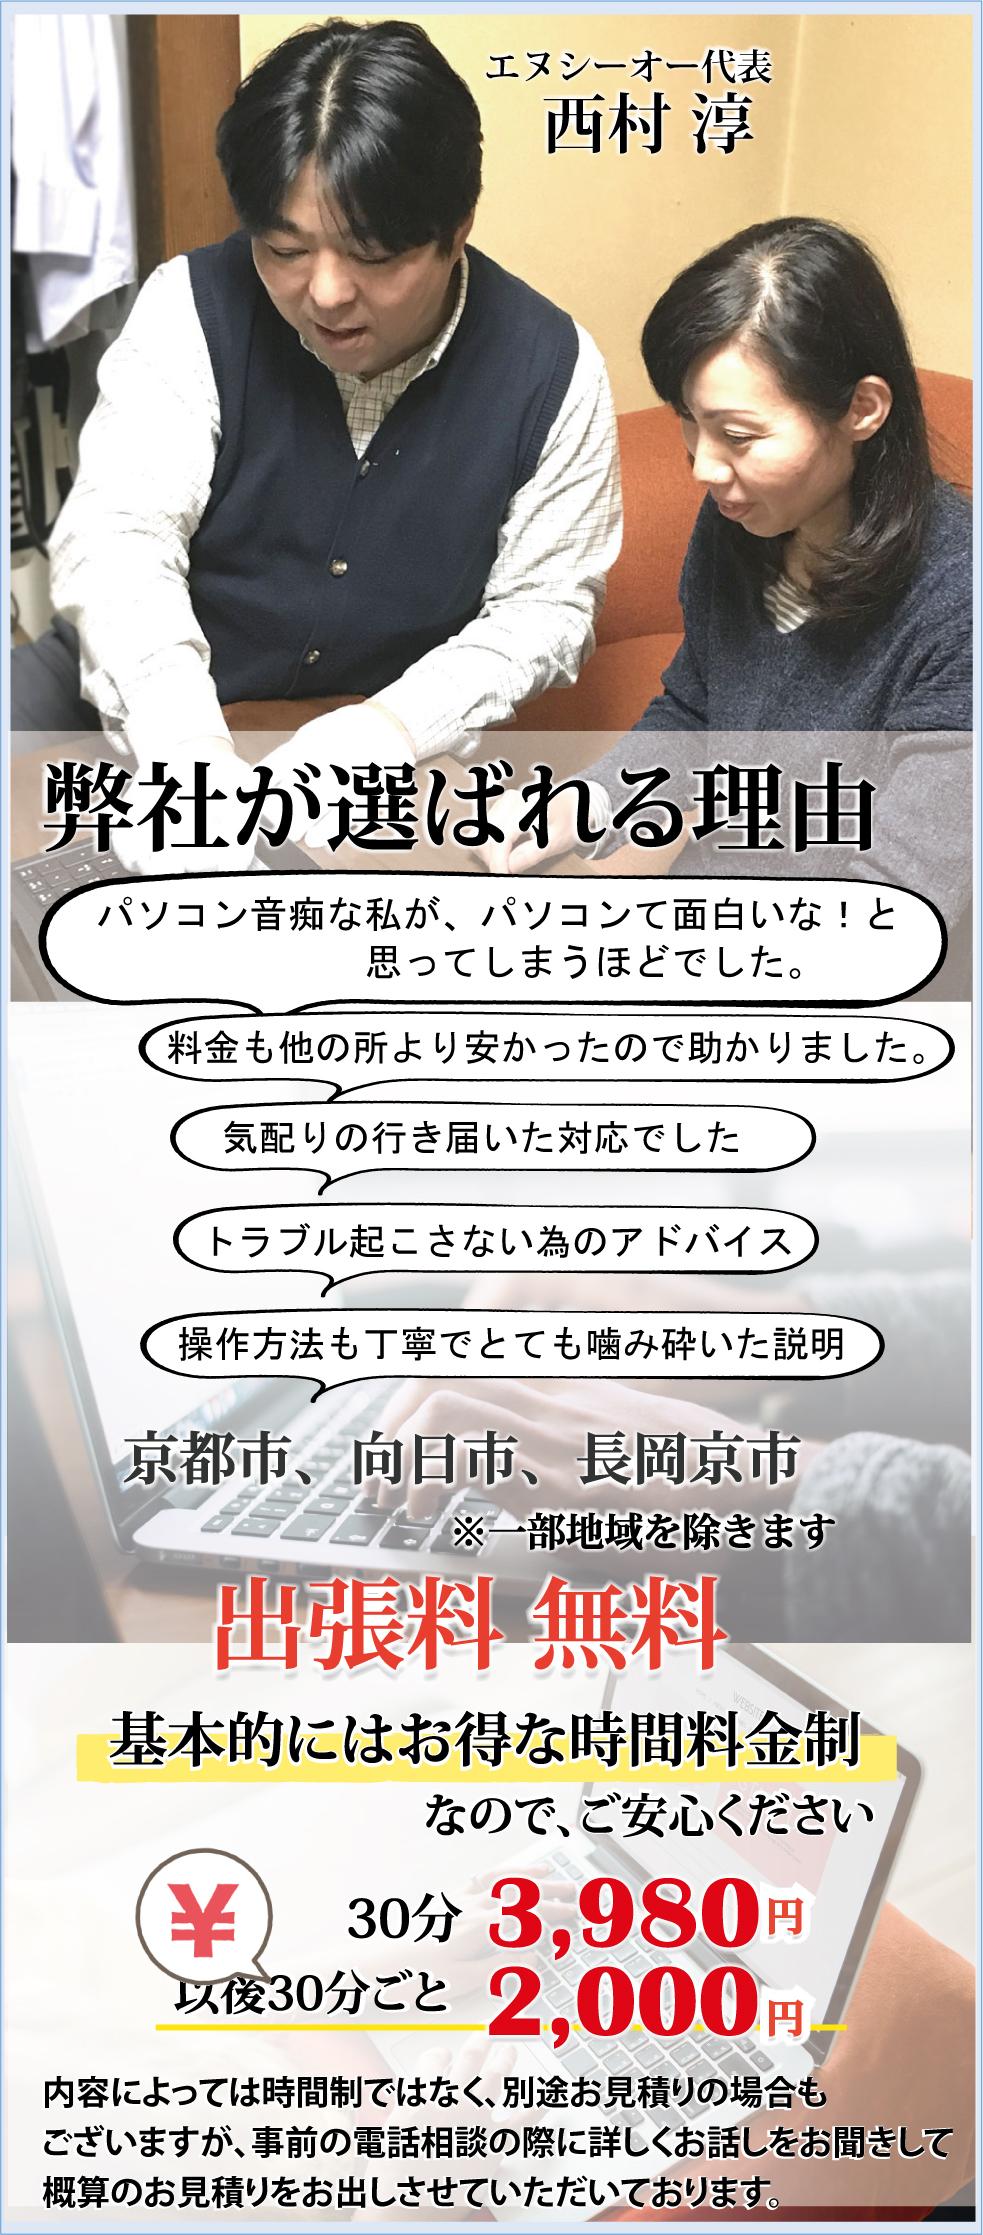 京都 パソコン修理 エヌシーオーのモバイルヘッダー画像